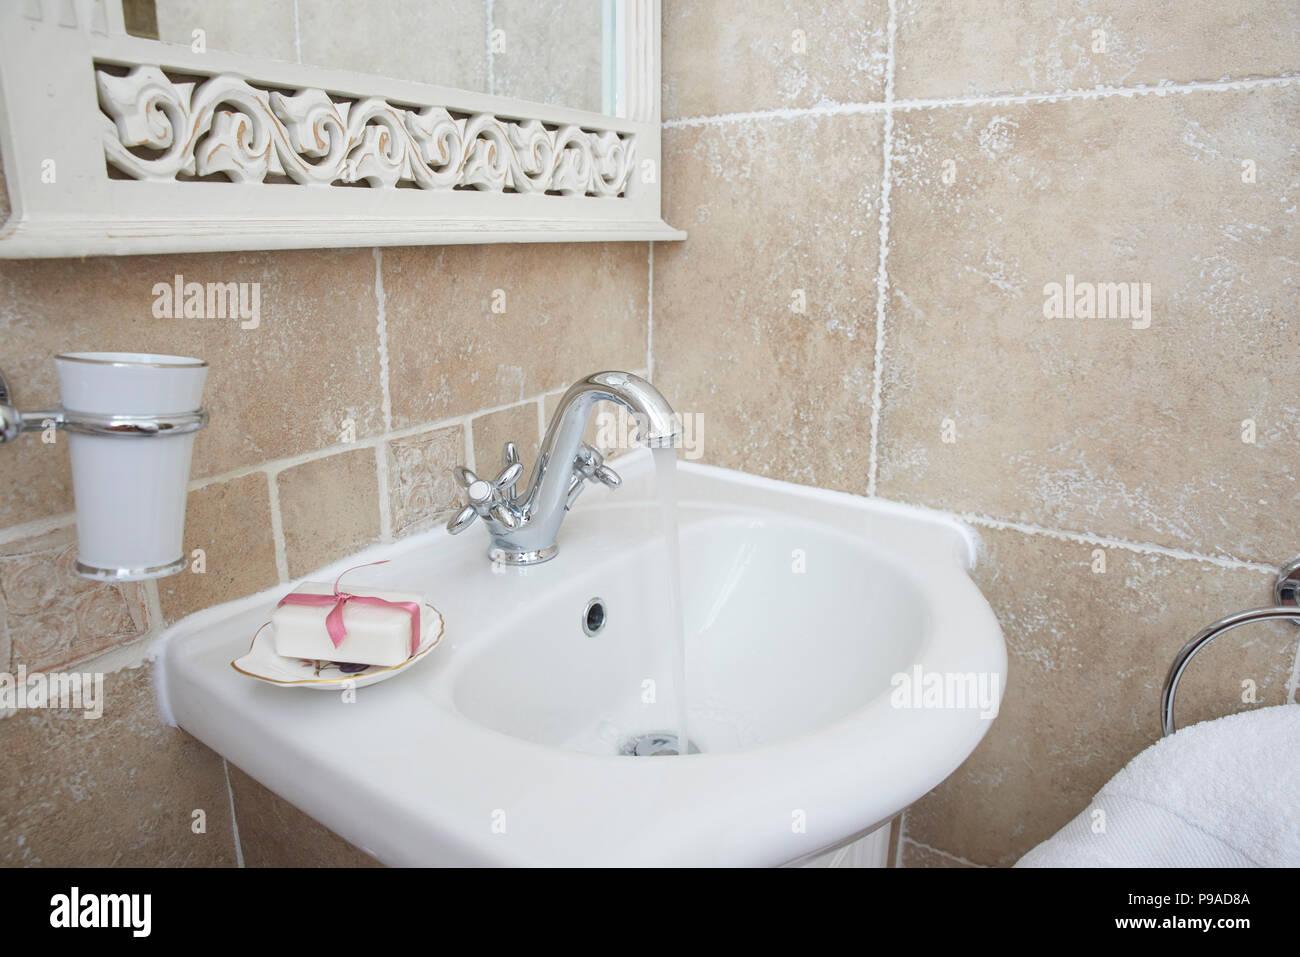 Schuss der Badezimmer mit Waschbecken Waschtisch Armatur. Öffnen ...